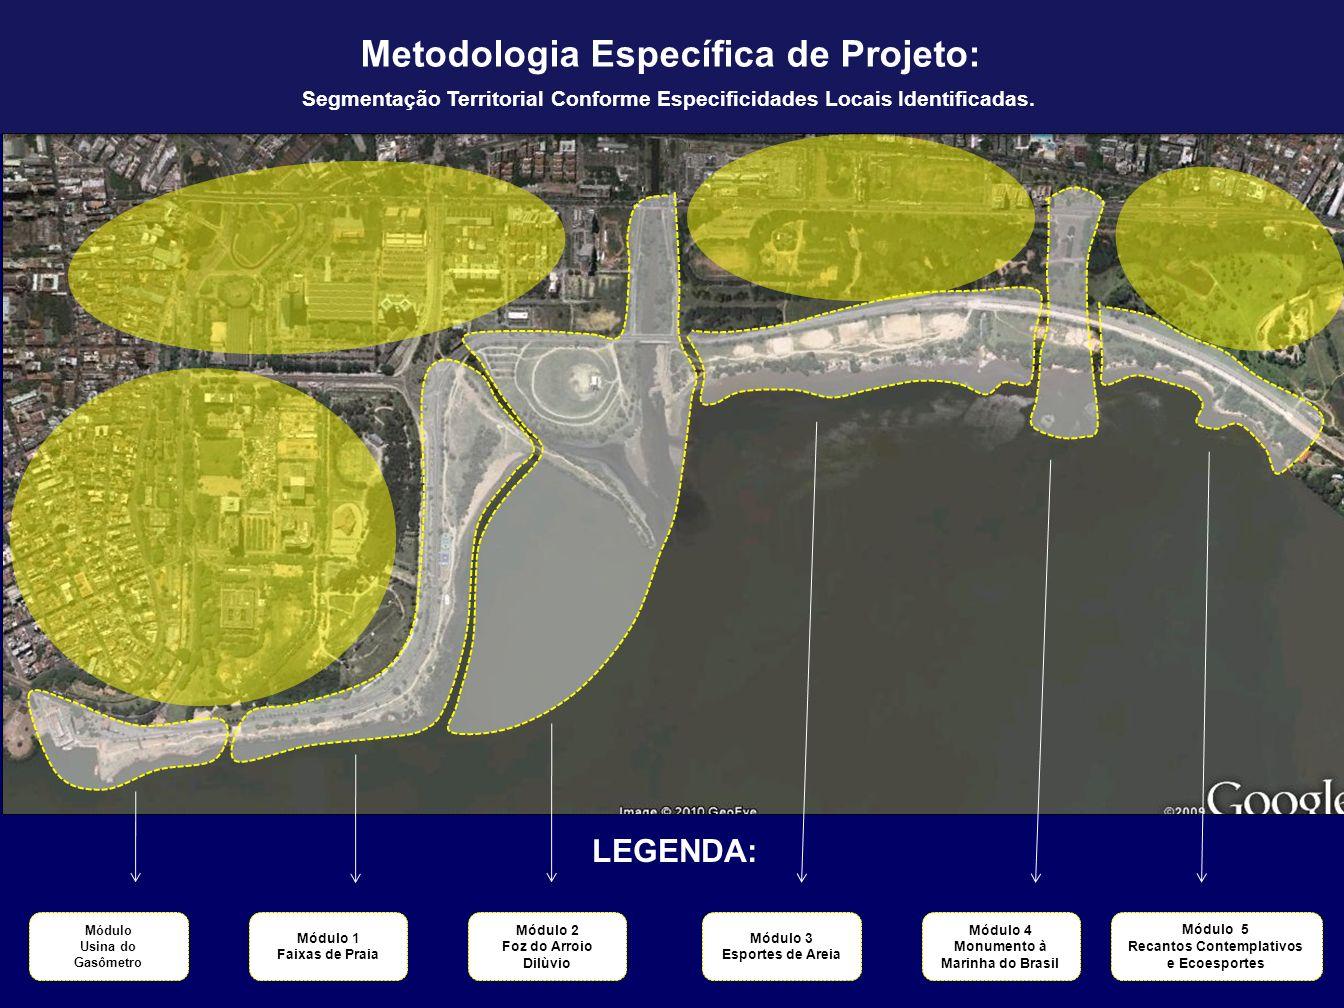 Metodologia Específica de Projeto: Segmentação Territorial Conforme Especificidades Locais Identificadas. LEGENDA: Módulo 1 Faixas de Praia Módulo Usi